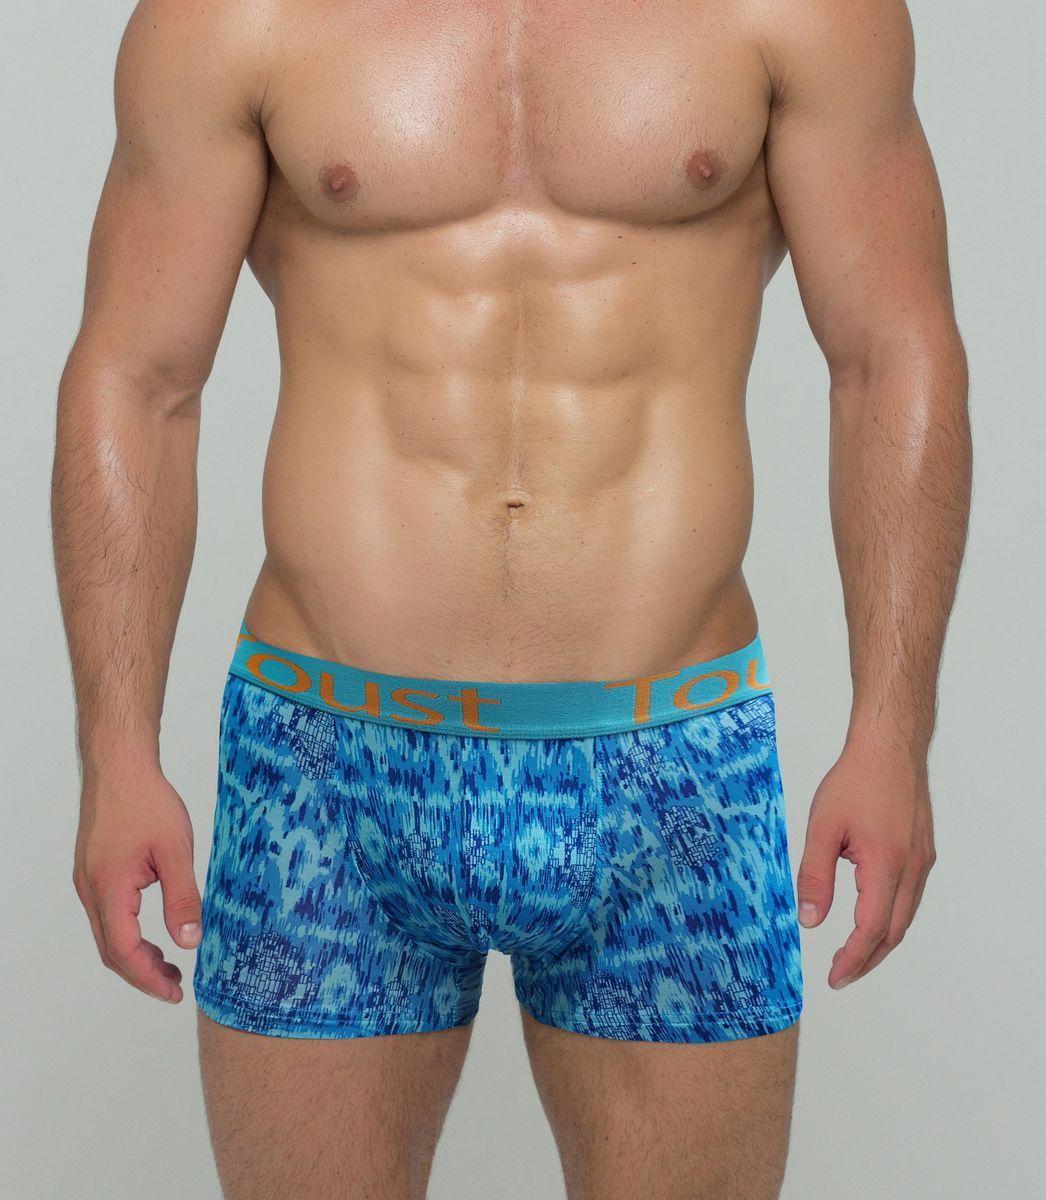 Трусы-боксеры мужские Toust, цвет: синий, голубой. T8009B. Размер XXL (50)T8009BМужские трусы-боксеры от бренда Toust выполнены из тонкой, мягкой, дышащей и приятной для тела, вискозной ткани. Материал хорошо тянется, не теряет формы. Анатомически правильные лекала, отсутствие боковых швов, обеспечивают максимальный комфорт и практичность ношения. Стильное сочетание дизайна резинки с ярким и необычным принтом изделия создает и дополняет образ современного и молодого человека, который идет в пору со временем, подчеркивает его индивидуальность и характер.